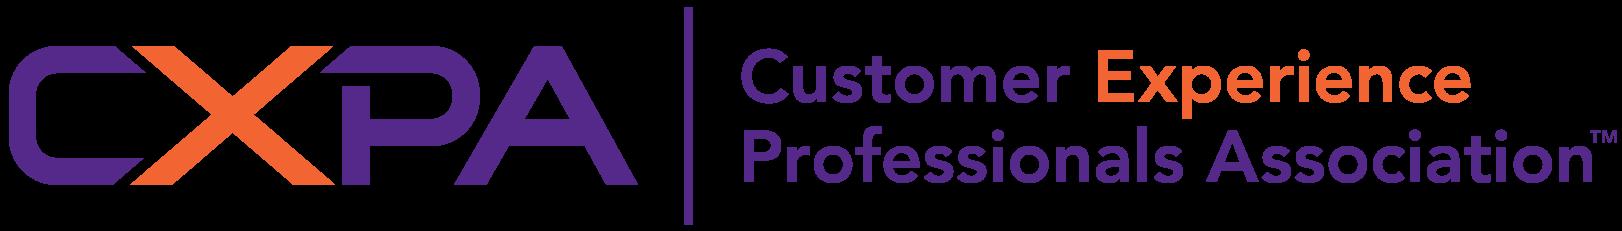 cxpa_logo-horizontal-with-CXpa-words